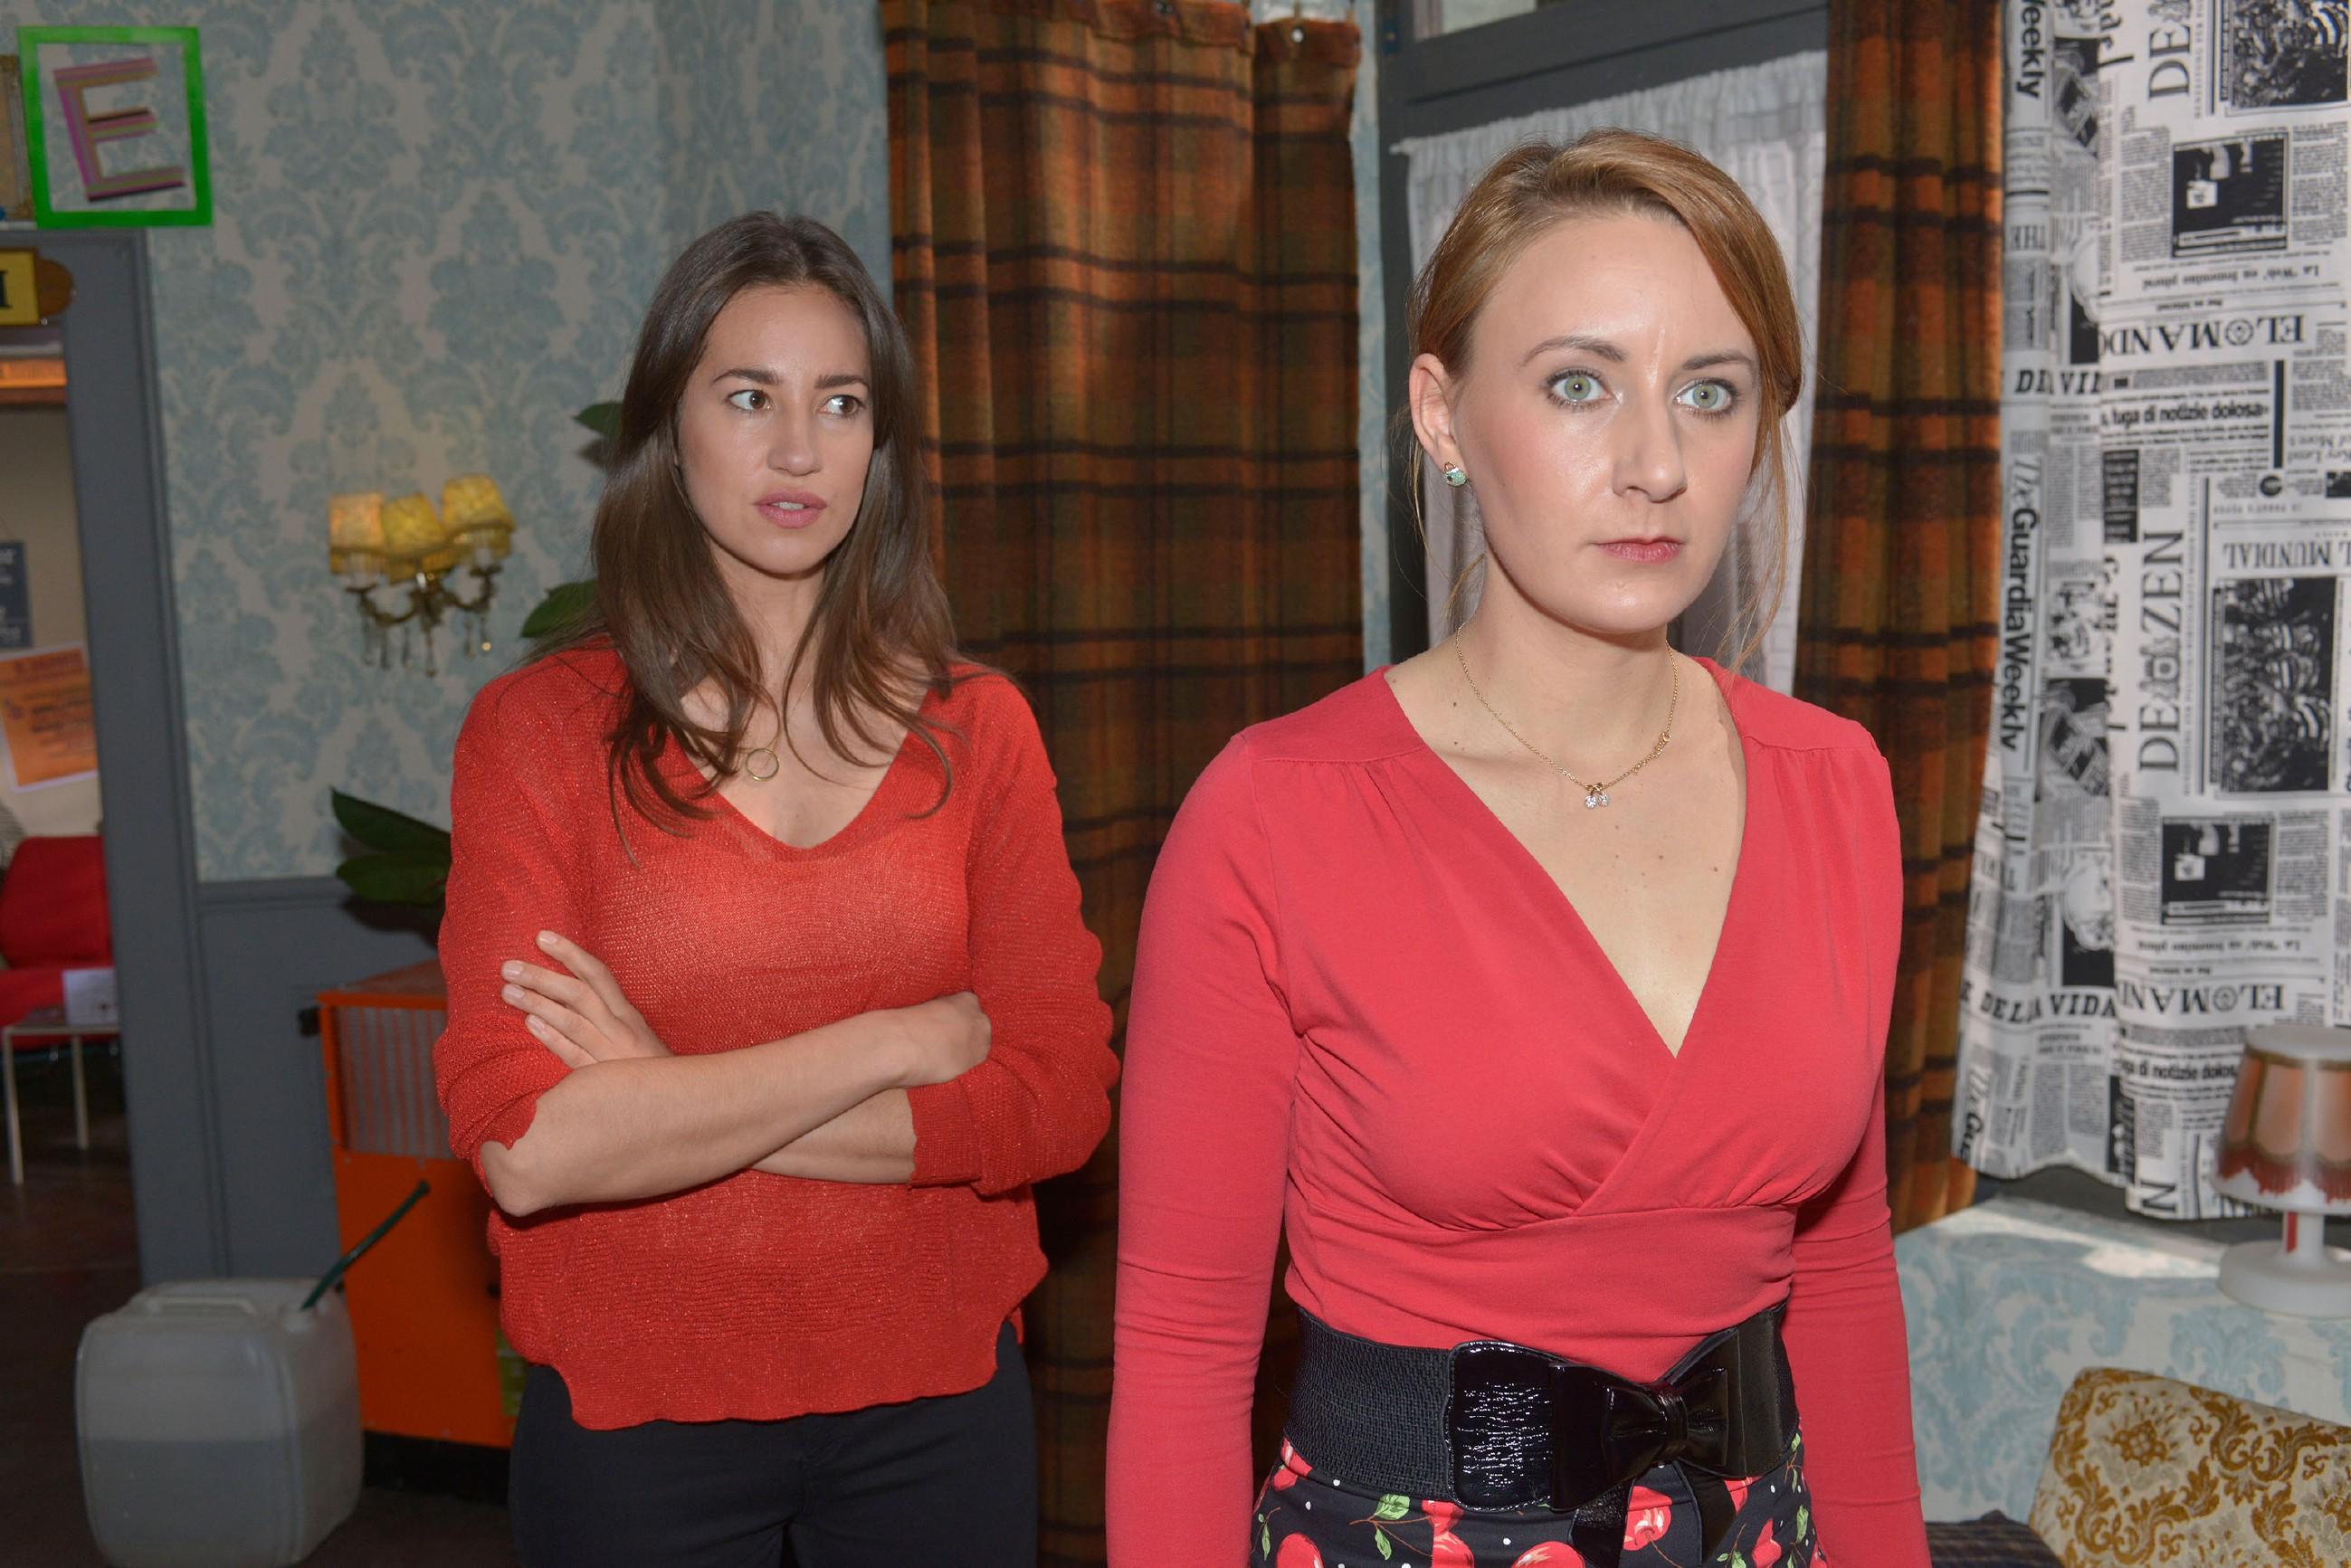 Elena (Elena Garcia Gerlach, l.) konfrontiert Lotta (Luise Schubert) mit ihrem Verdacht und fordert sie auf, Tuner die Wahrheit zu sagen... (RTL / Rolf Baumgartner)